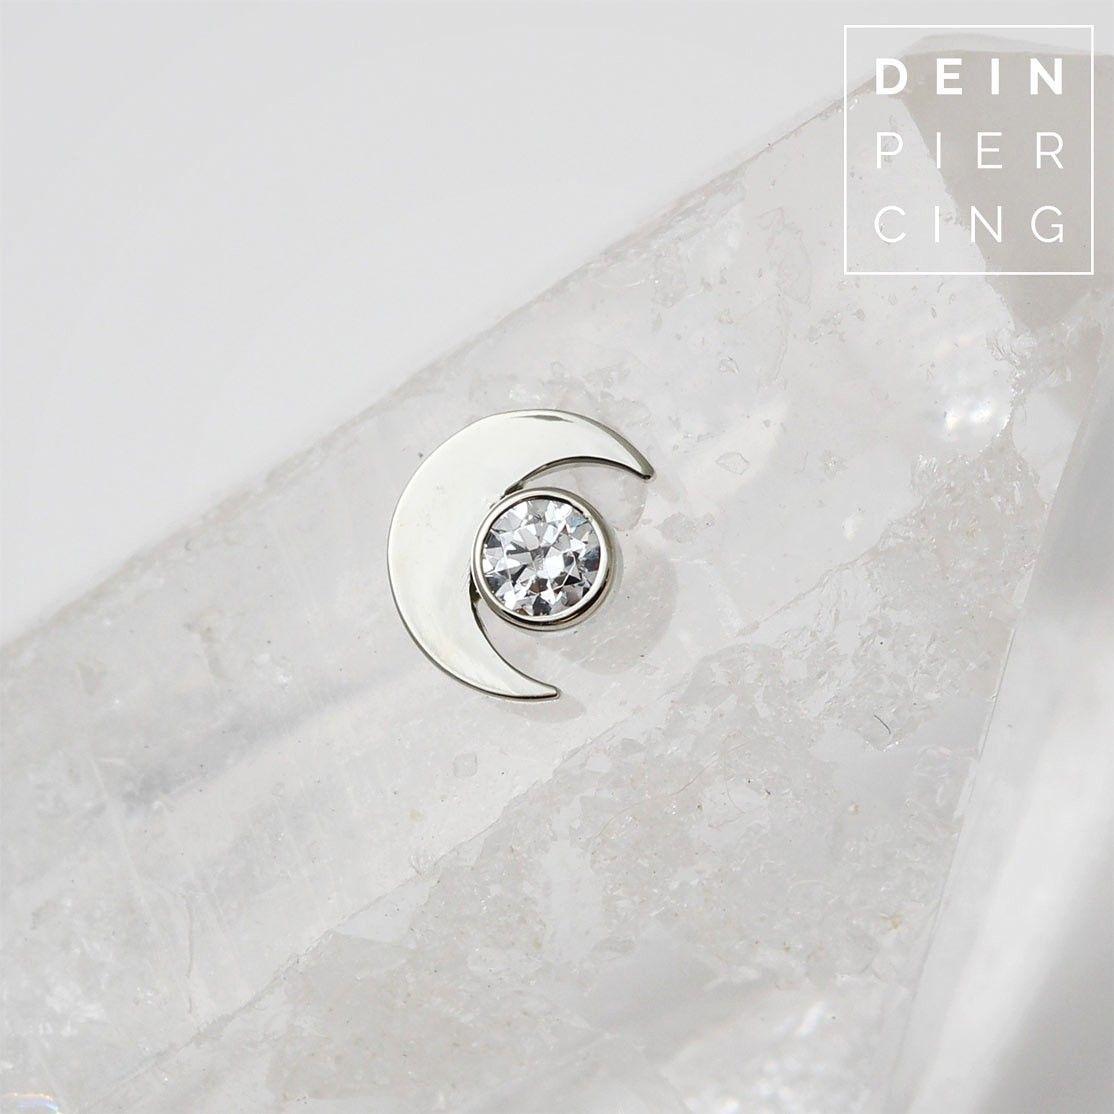 Pin auf Dein Piercing Gold Piercing Schmuck